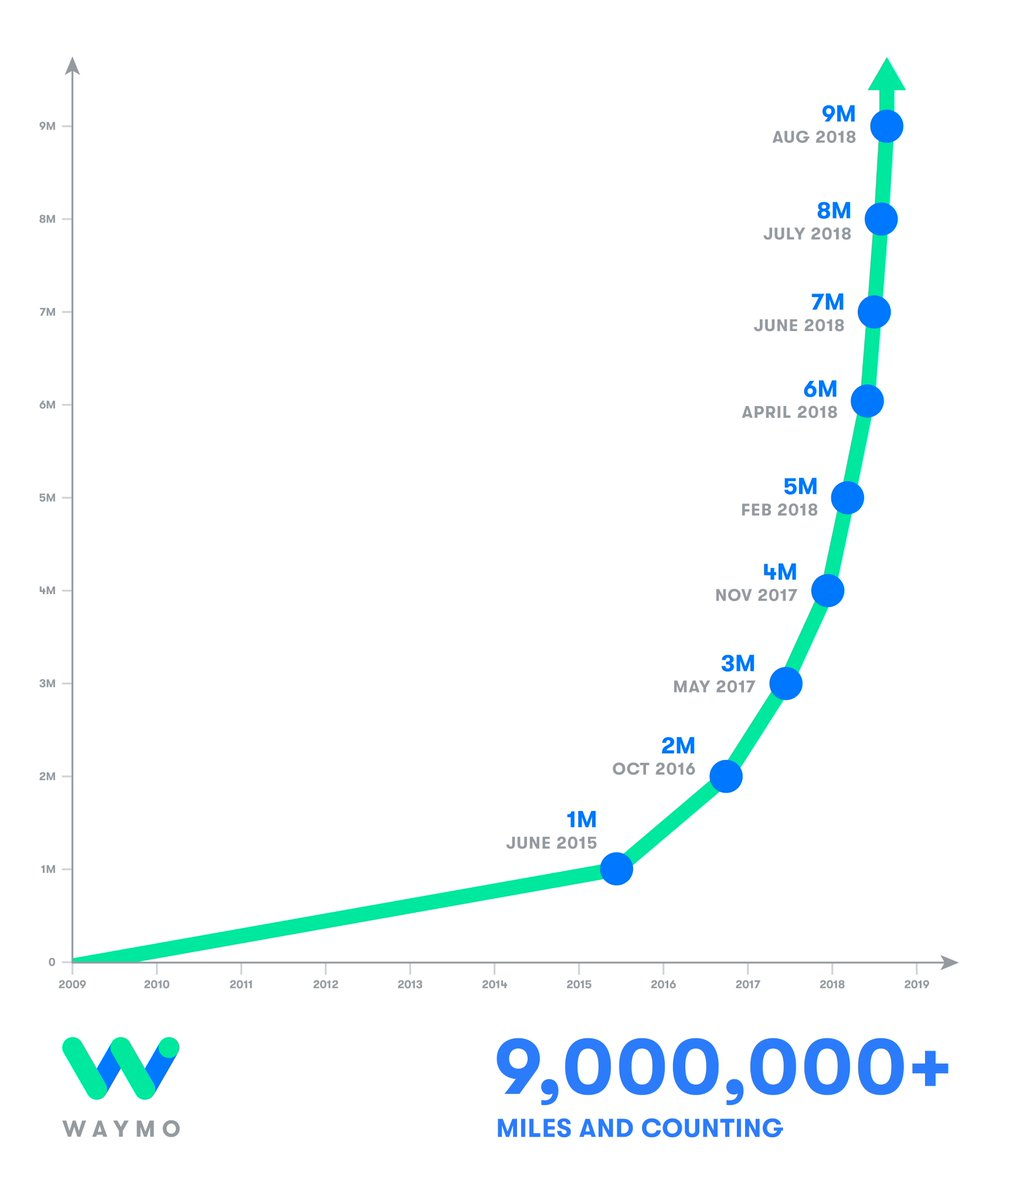 Waymo Testmeilen im chronologischen Vergleich.